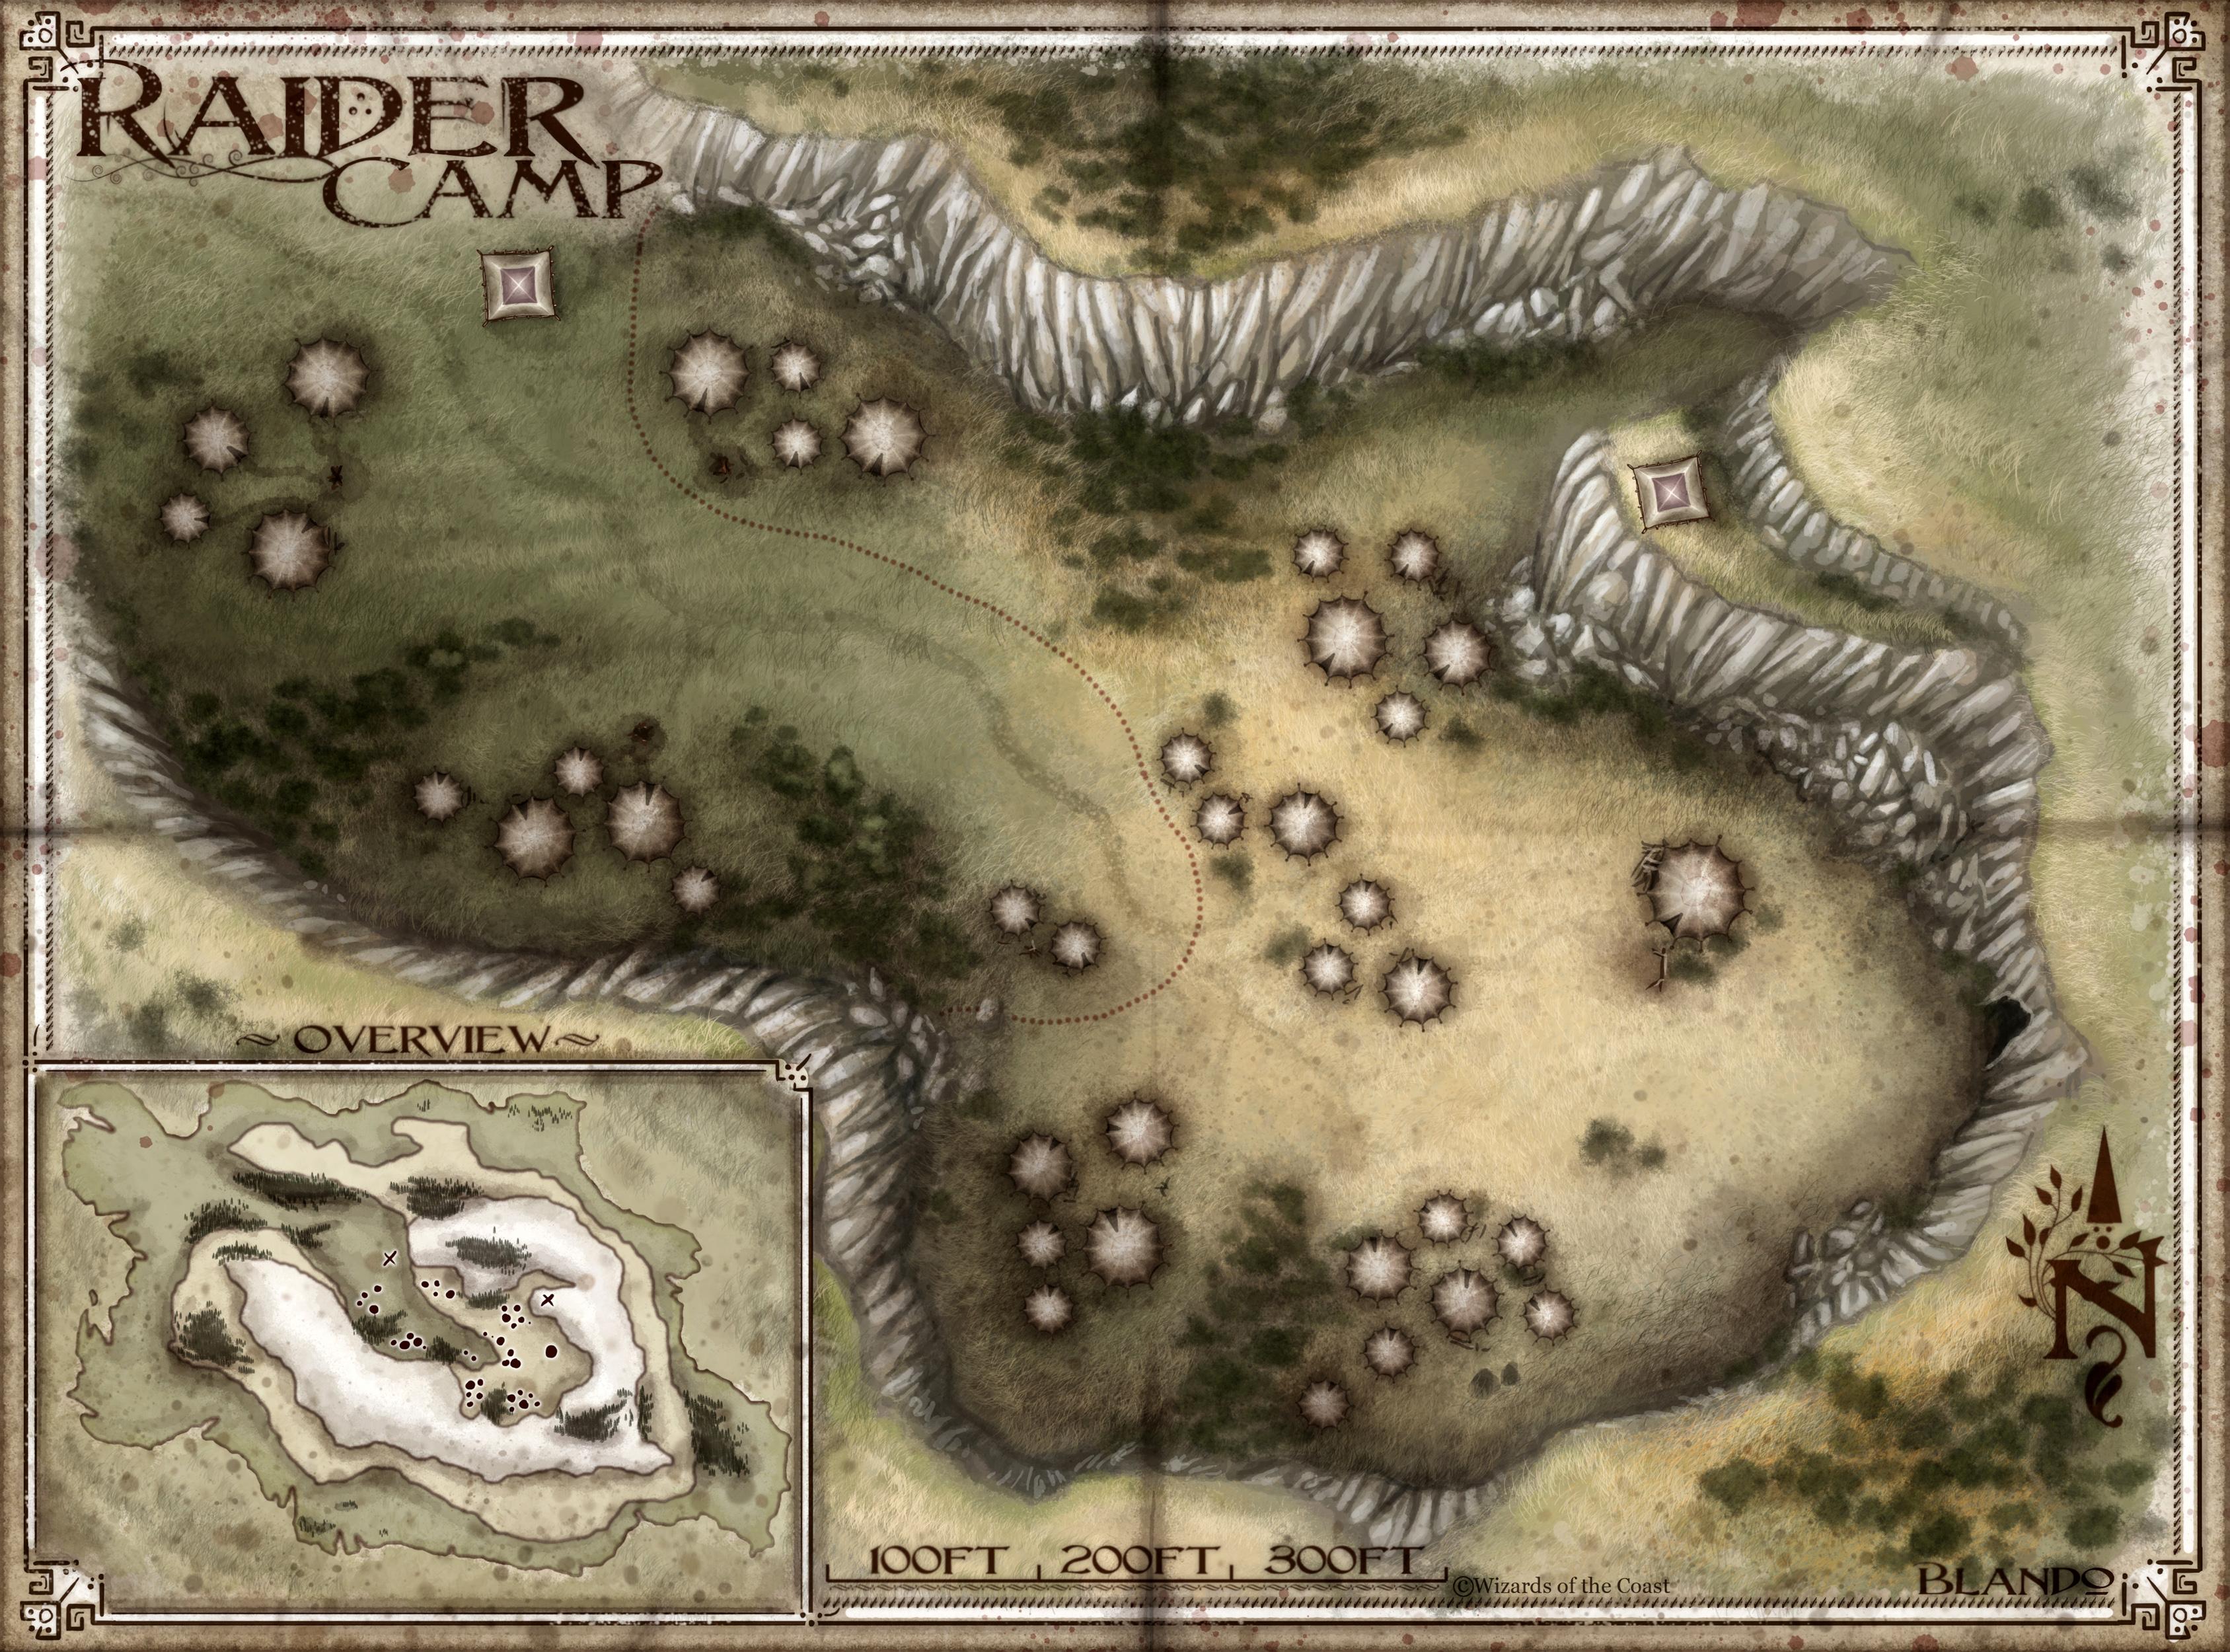 raider_camp.jpg